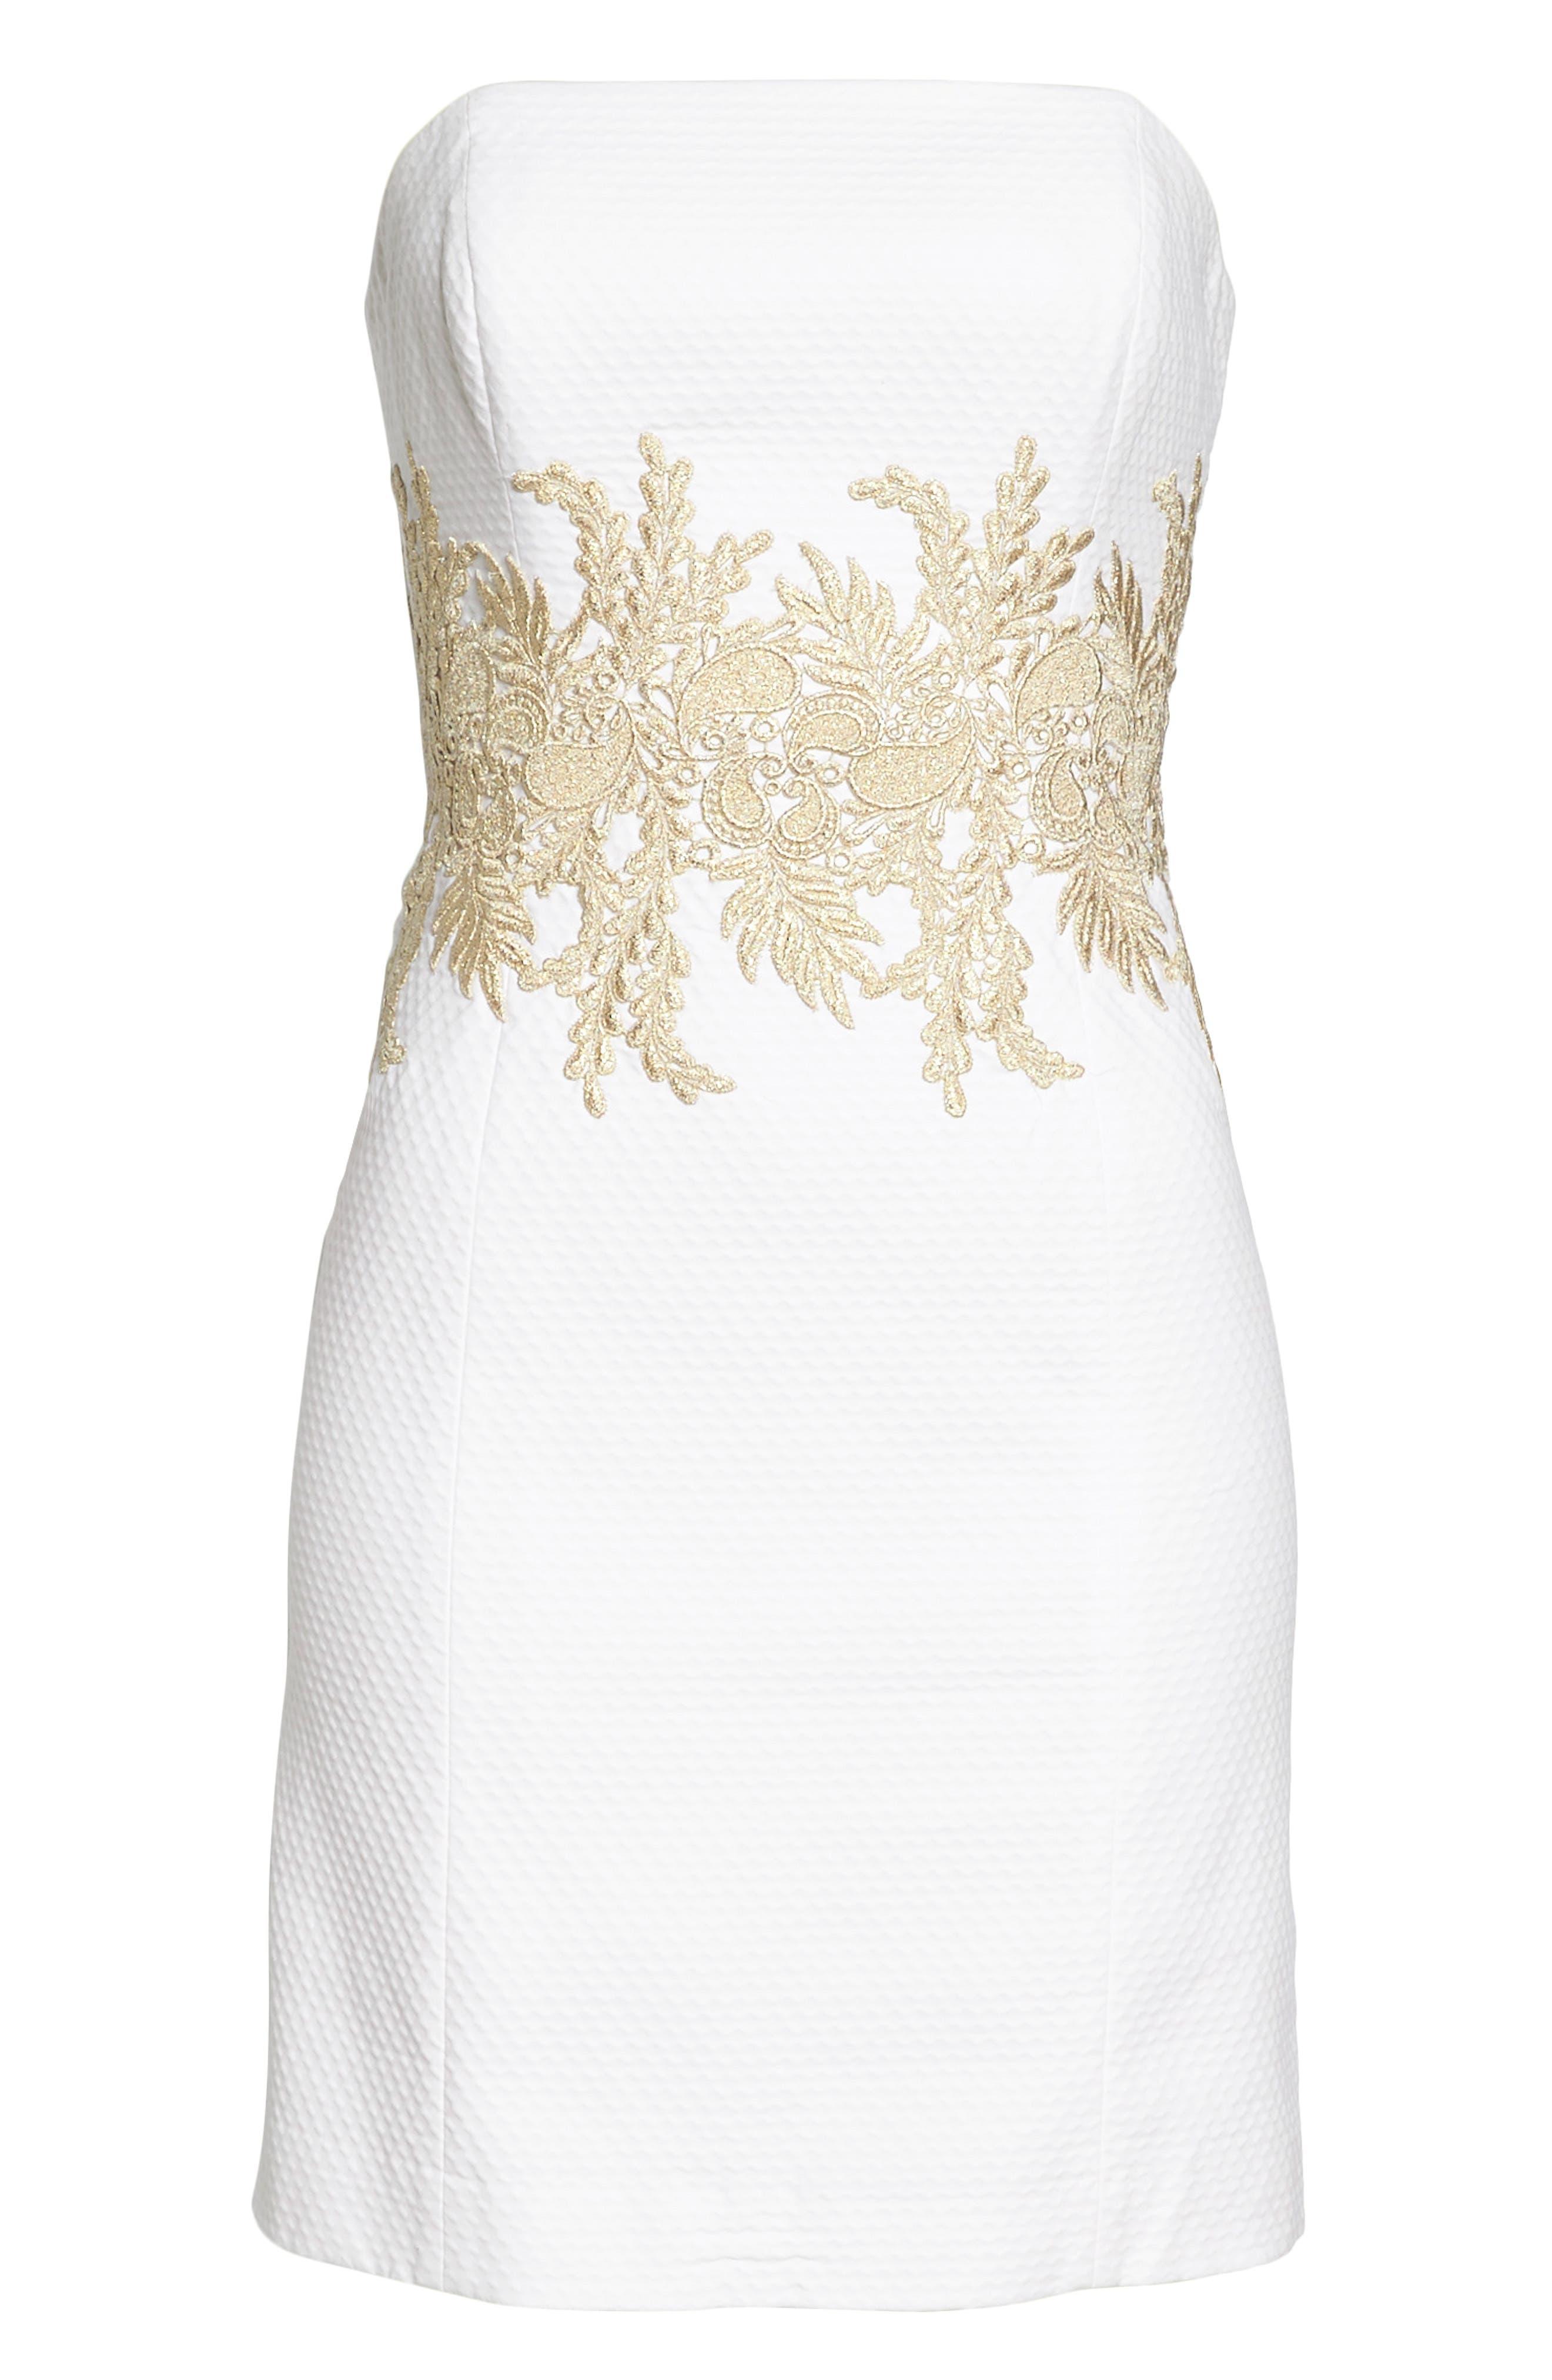 Kade Strapless Dress,                             Alternate thumbnail 7, color,                             RESORT WHITE